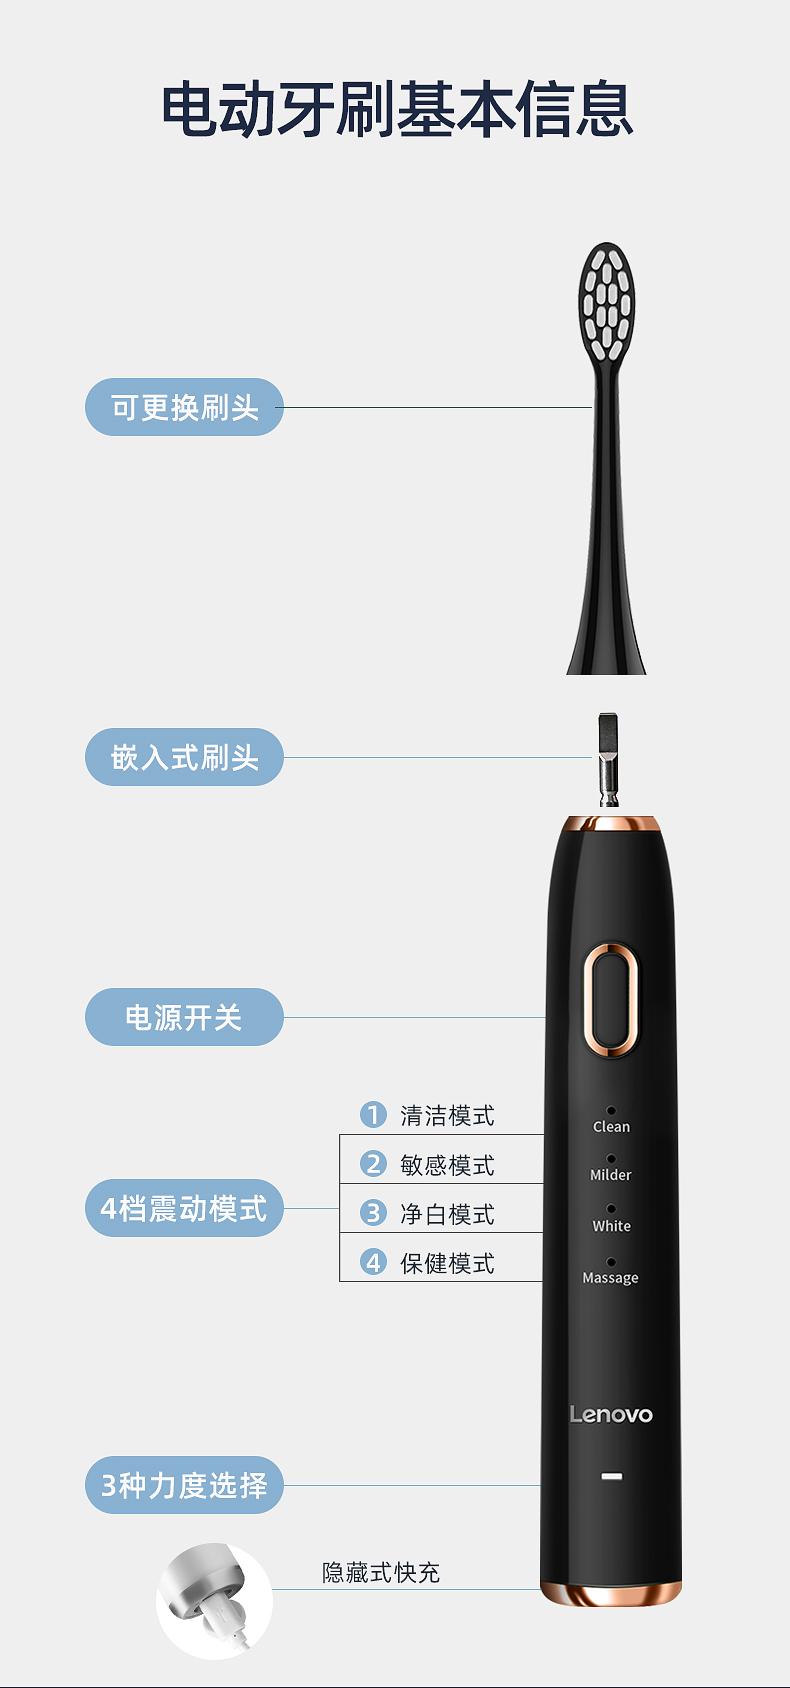 联想 充电式磁悬浮声波电动牙刷含杜邦刷头5个 图21